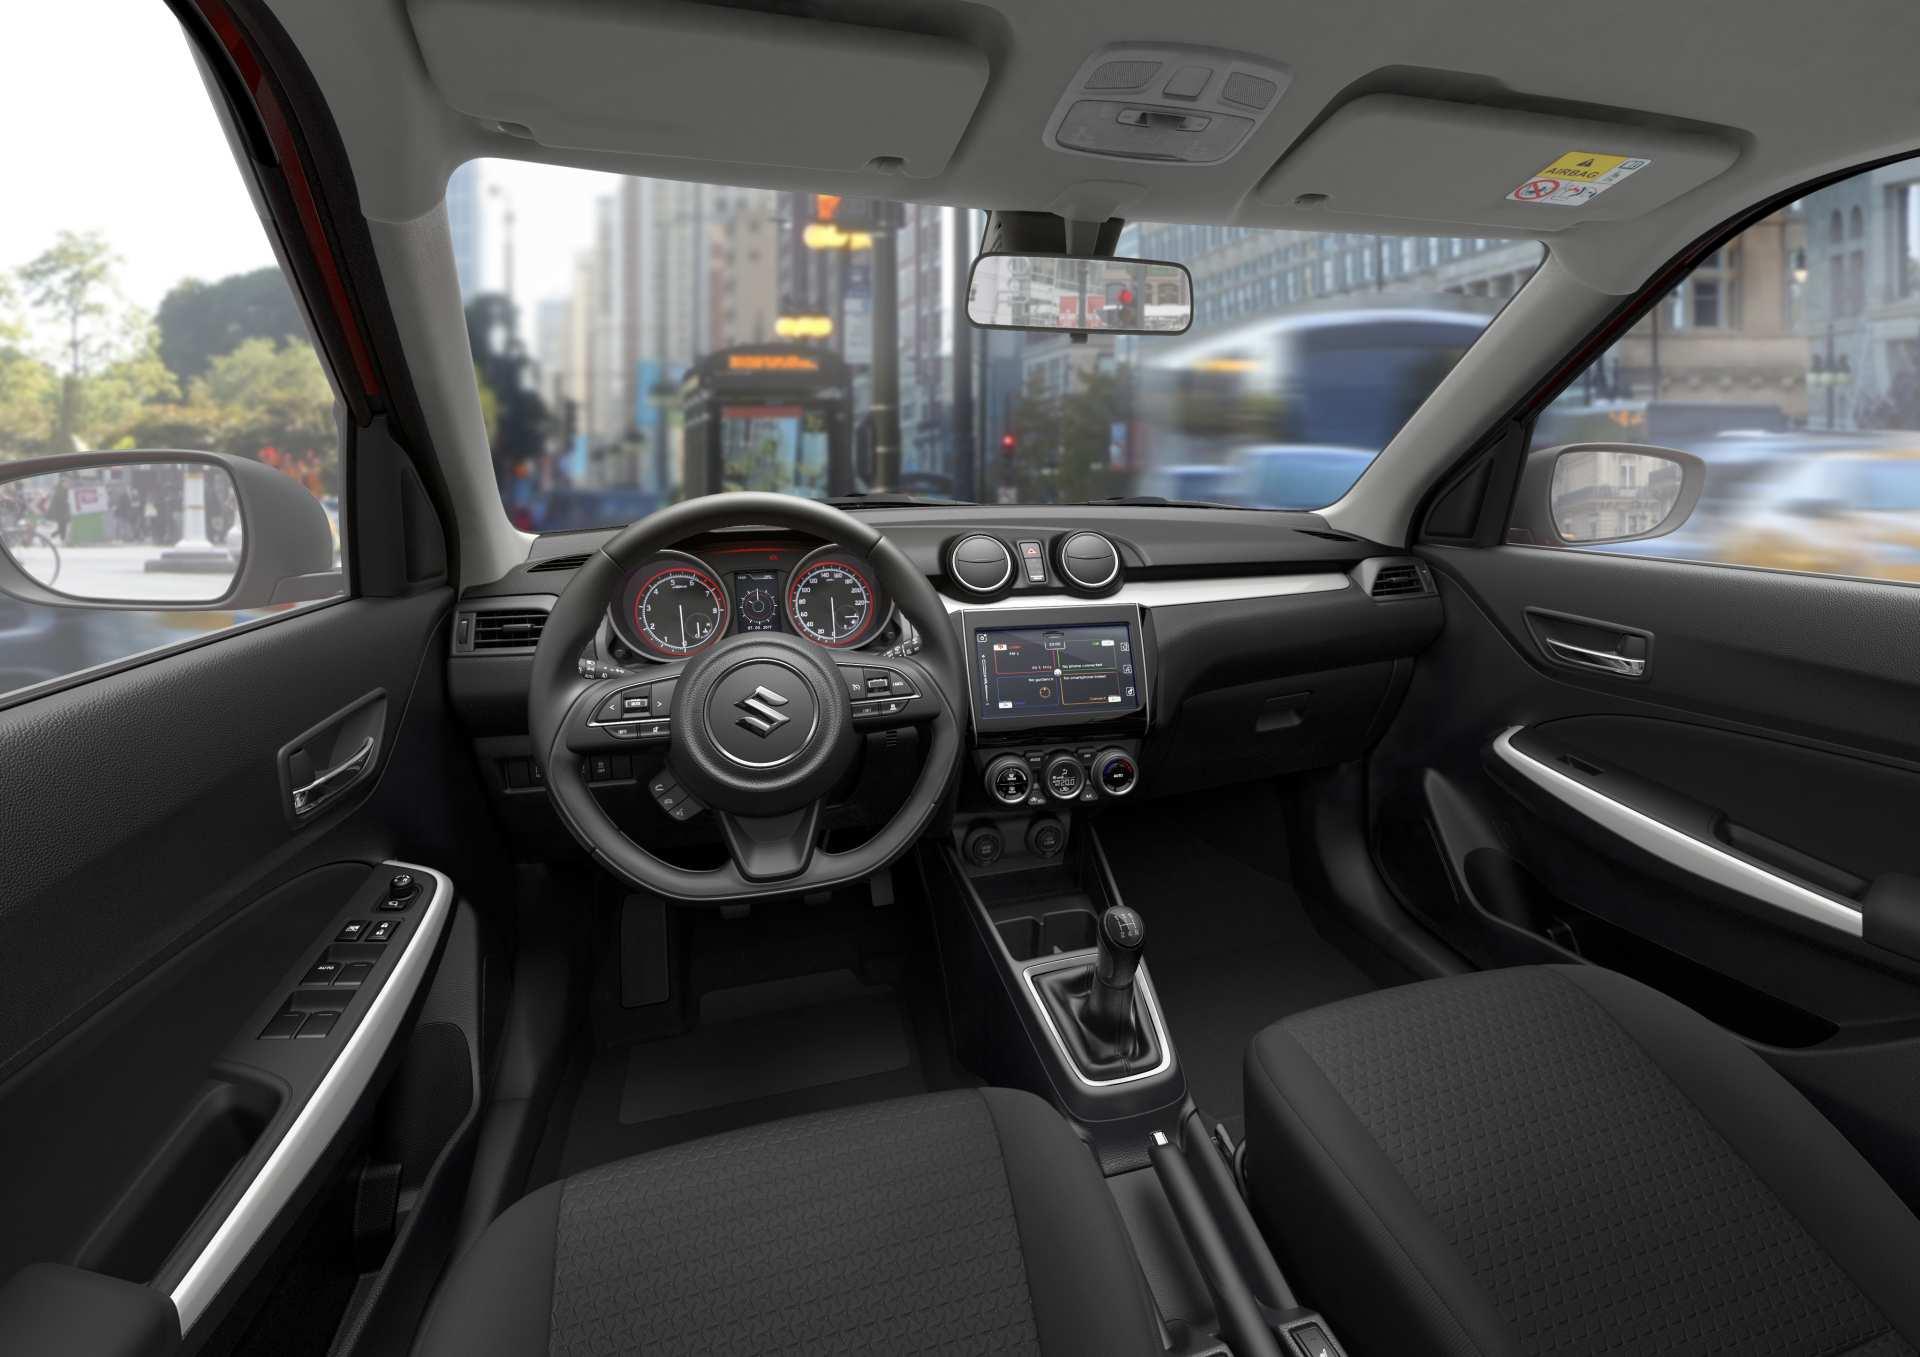 https://weltexpress.info/wp-content/uploads/2018/10/Suzuki-Swift-Interieur-Cockpit-14_SWIFT_interior_with-background-QF-P1920-Copyright-Suzuki.jpg